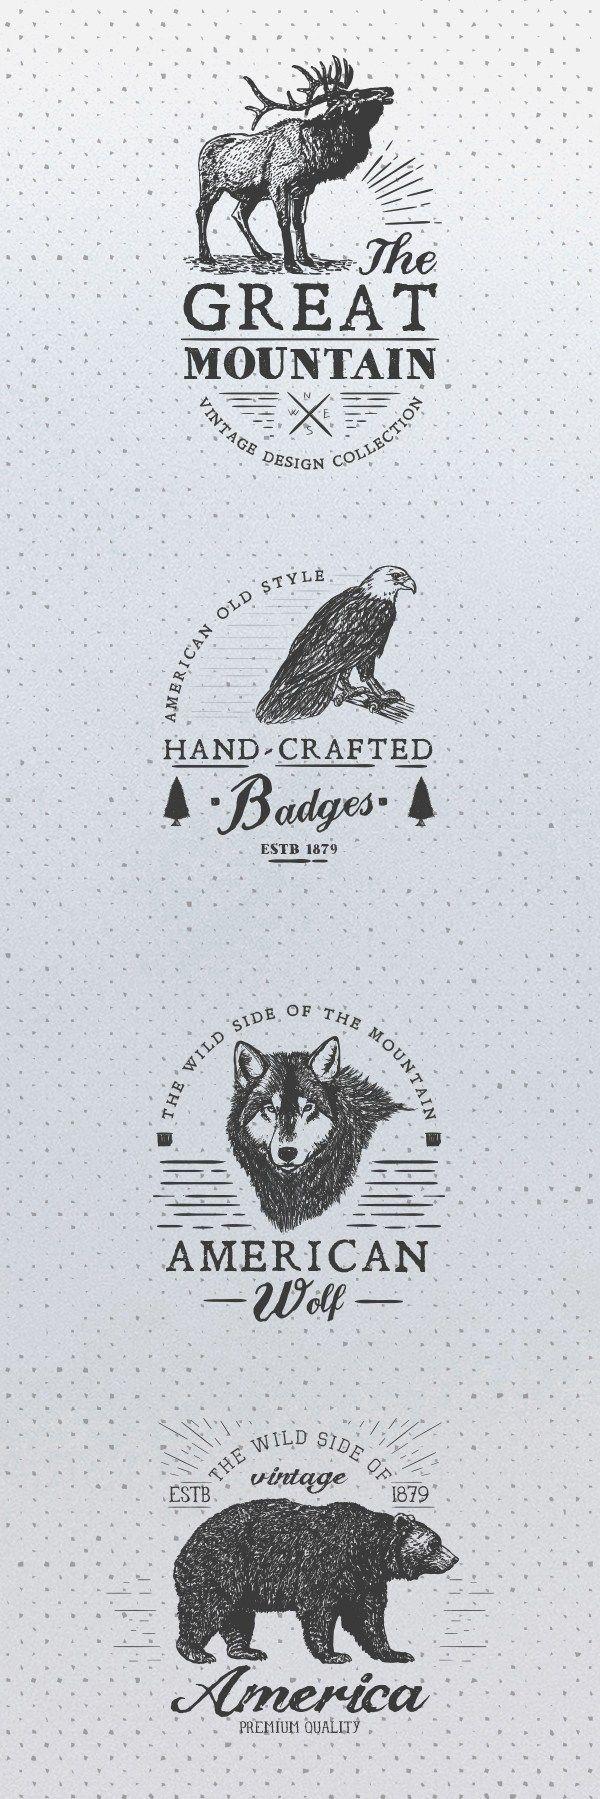 17 Free Animal rustic Logos